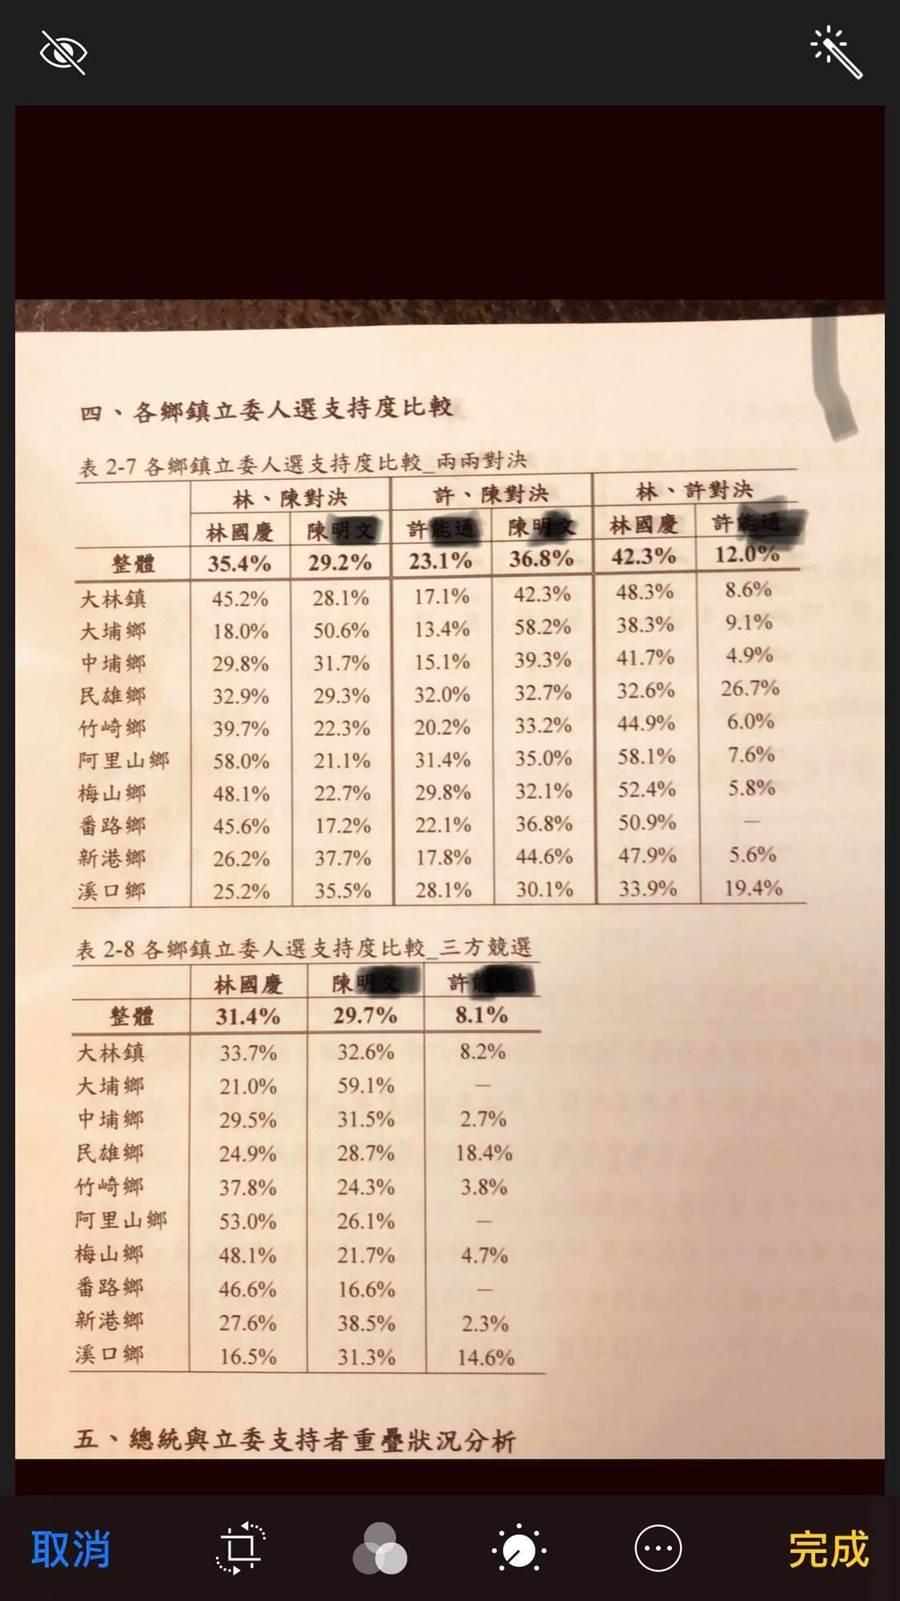 林國慶昨再度於臉書公布對戰民進黨嘉義縣重量級立委陳明文的民調,以整體民調而言,林國慶以31.7%贏過陳明文的29.7%。但林國慶在新港鄉、溪口鄉慘輸陳明文。(林國慶FB)